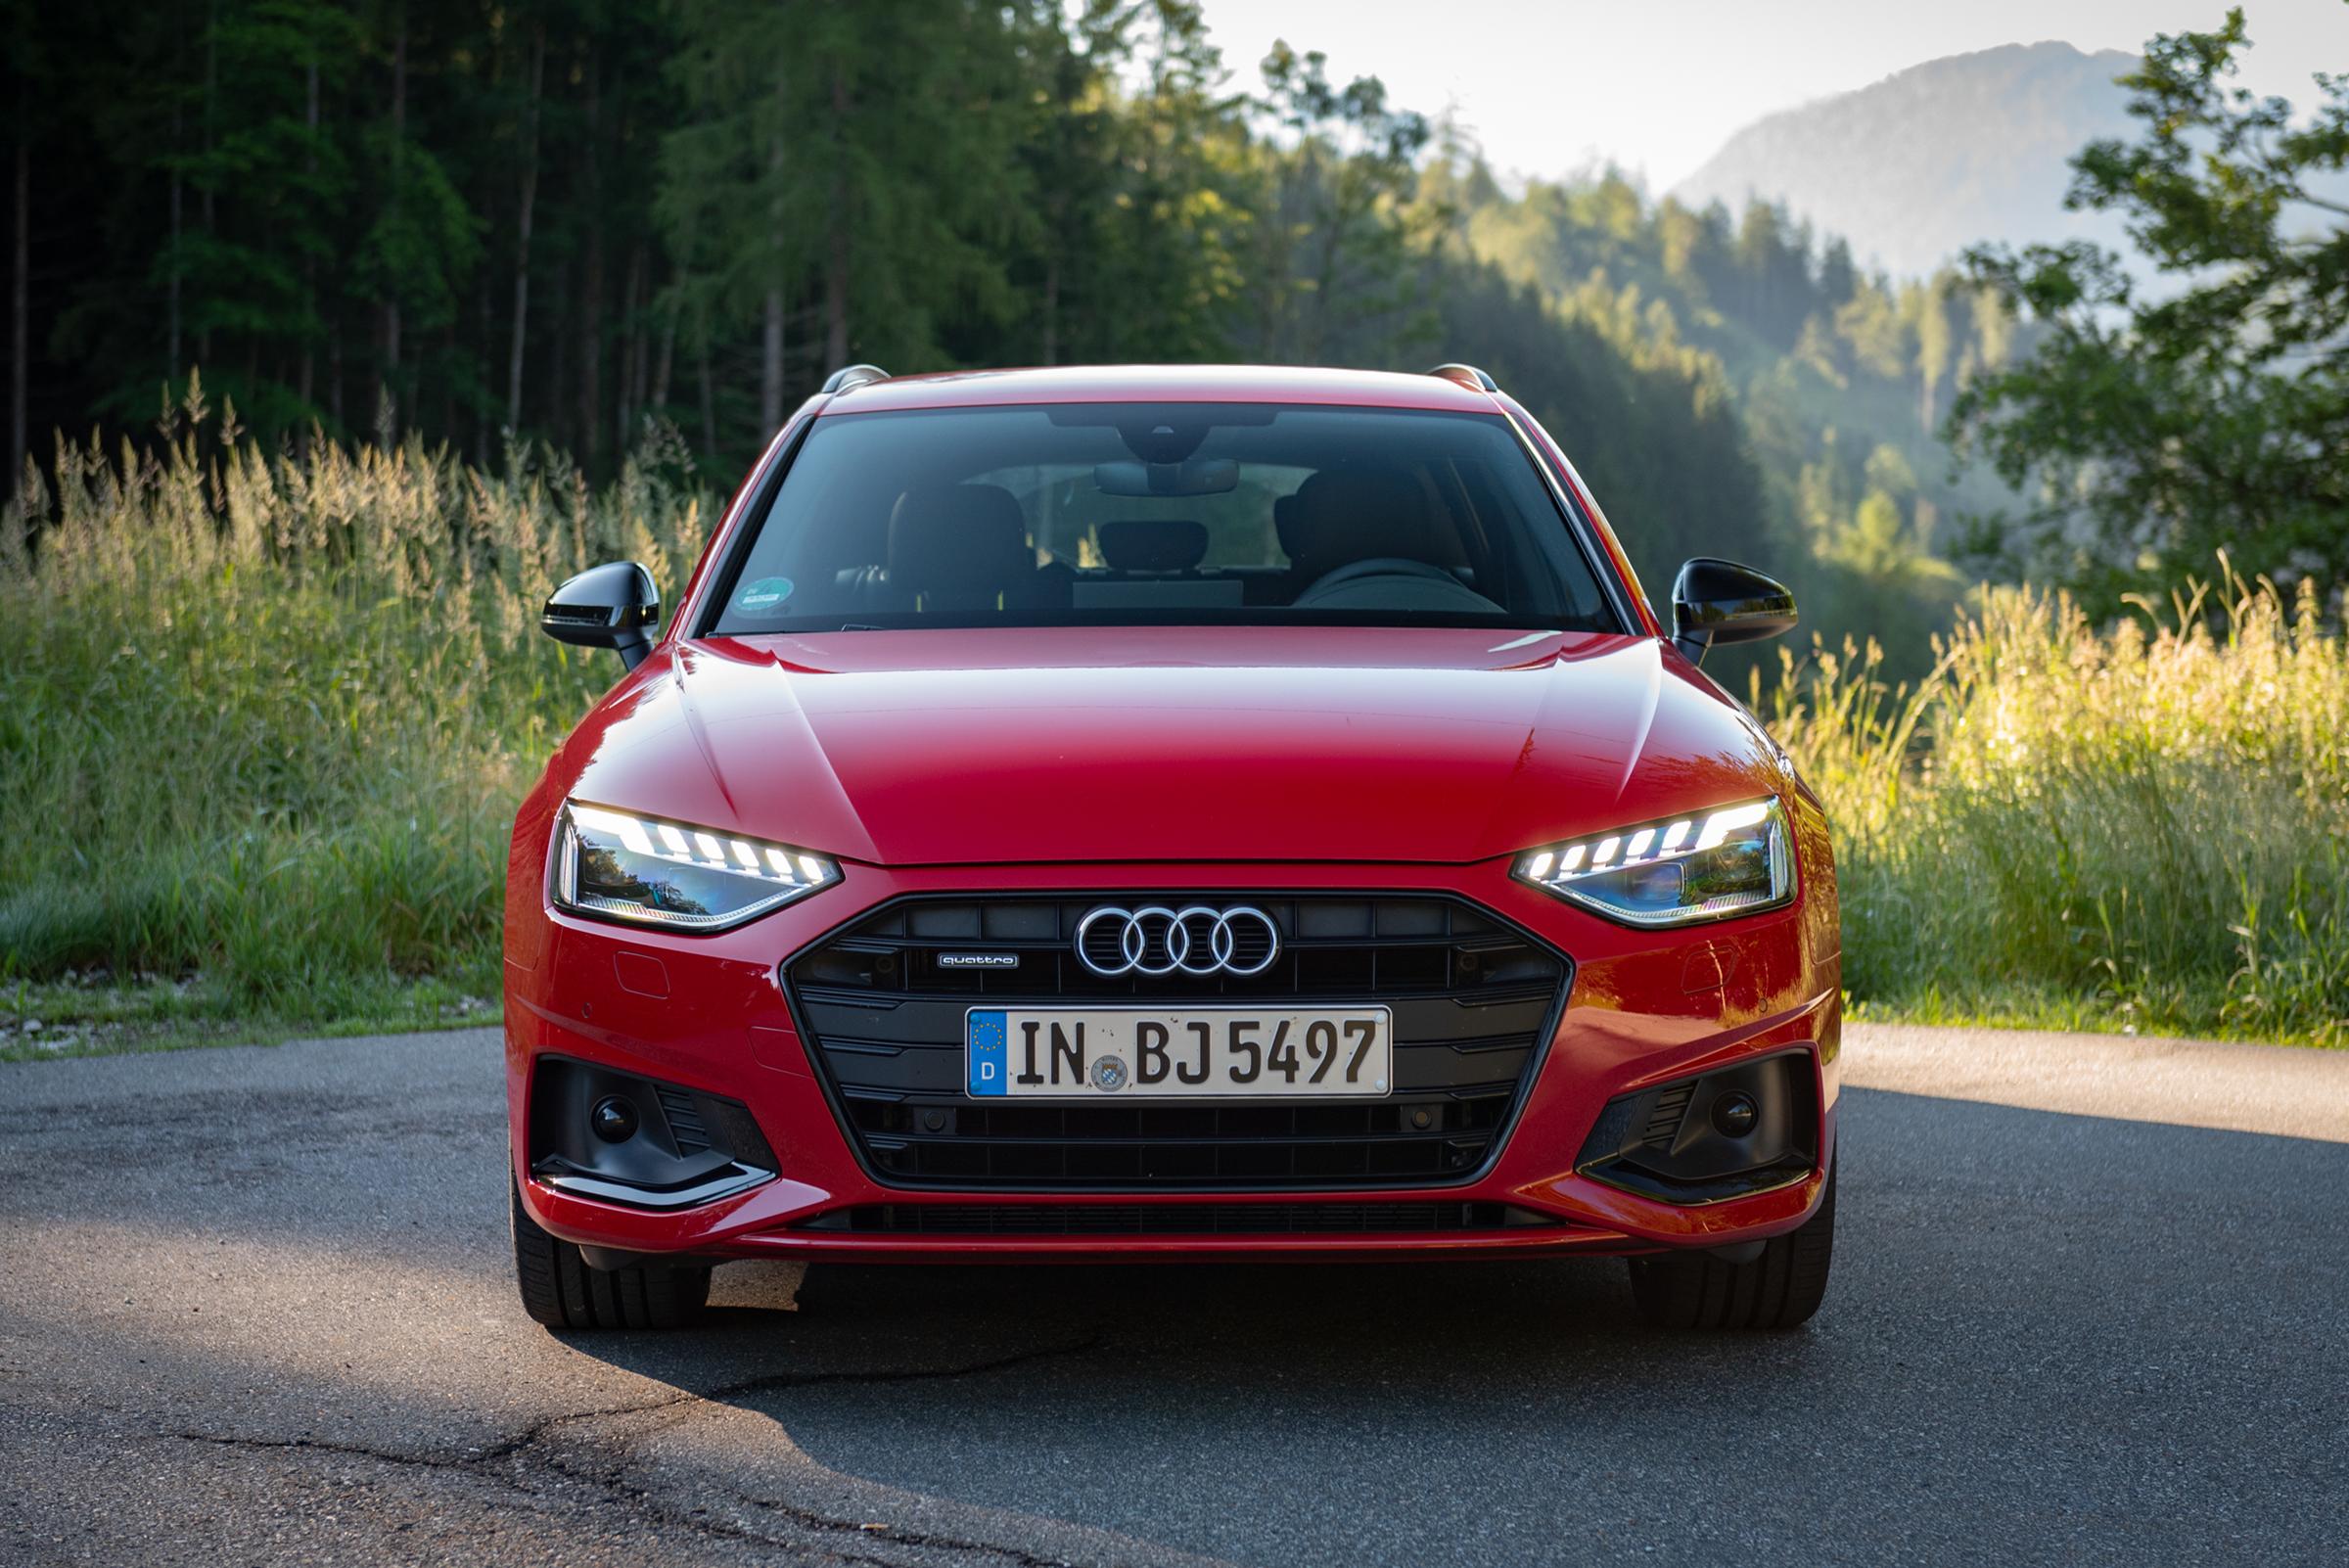 Audi-A4-Avant-2021-front